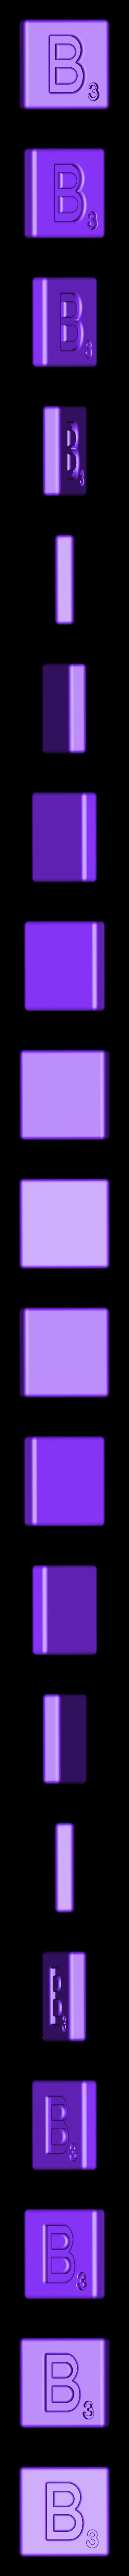 Single_Cut_B.STL Télécharger fichier STL gratuit Pièces et support SCRABBBLE • Design pour imprimante 3D, Balkhagal4D